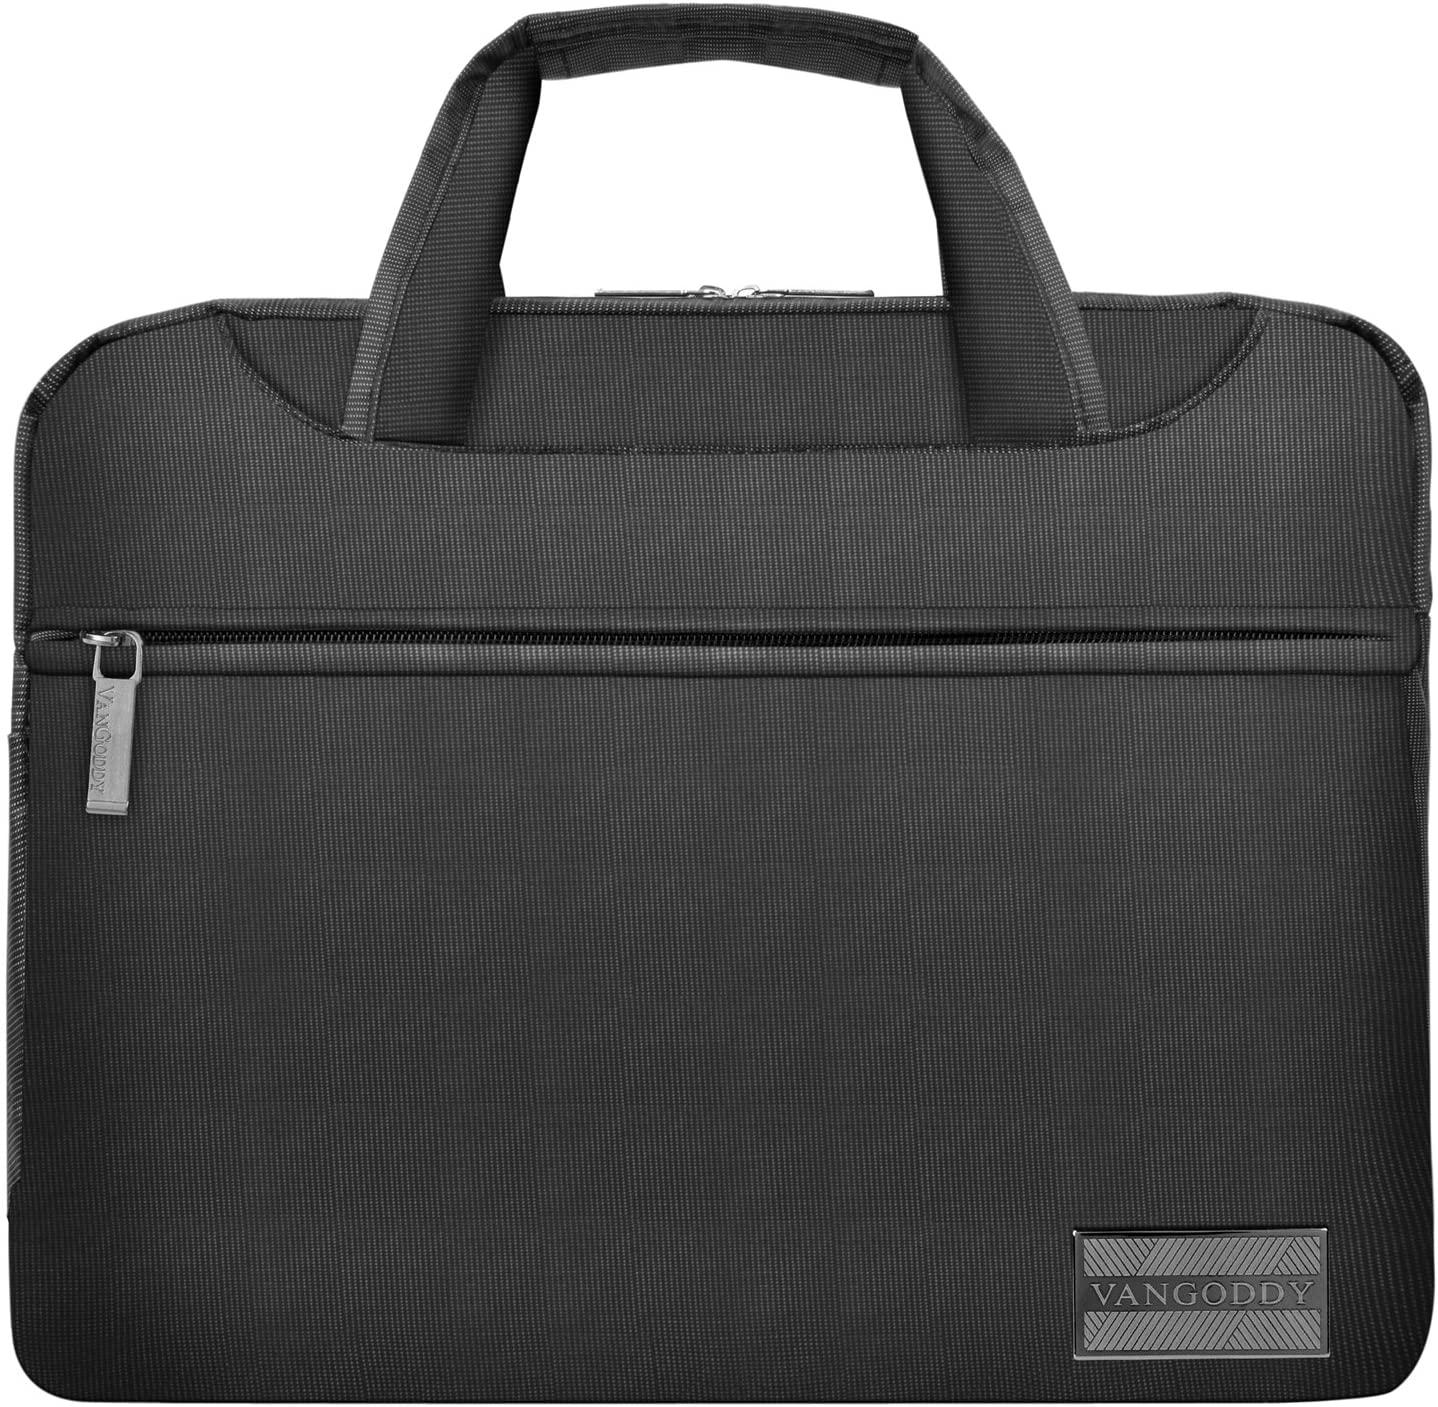 13 inch.3 inch Nylon Zipper Messenger Shoulder Bag Satchel Black for Asus Chromebook Flip 12.5 inch, Spin 7 14 inch, Transformer Book Flip, Transformer 3, 3 Pro, ZenBook 3 Series Tablet Laptop